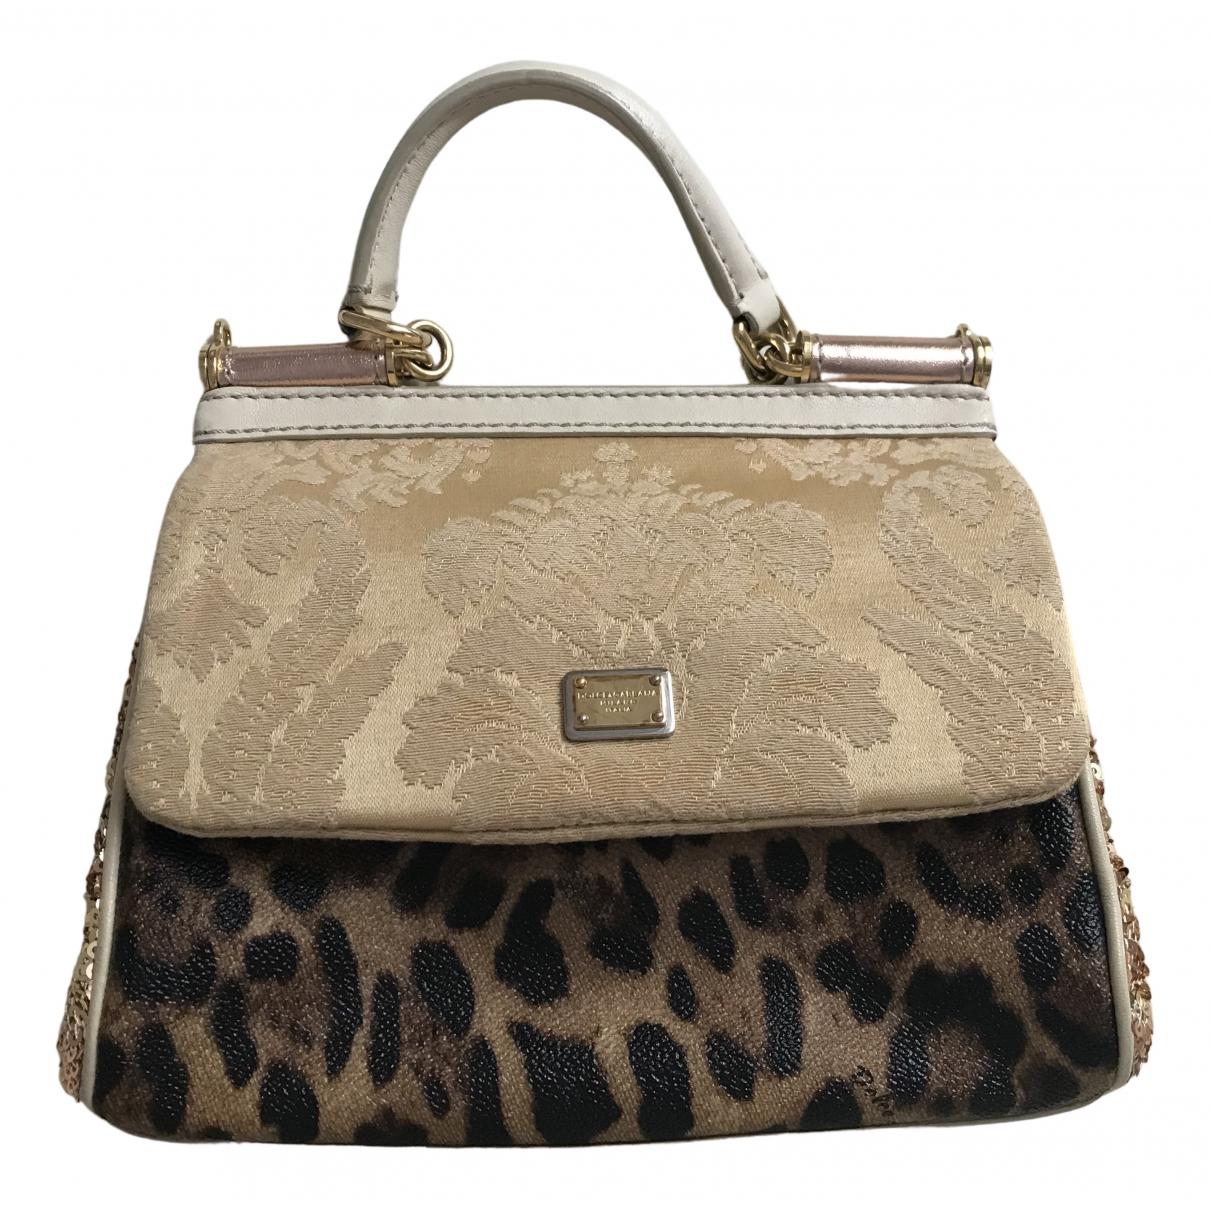 Dolce & Gabbana Sicily Leather handbag for Women \N